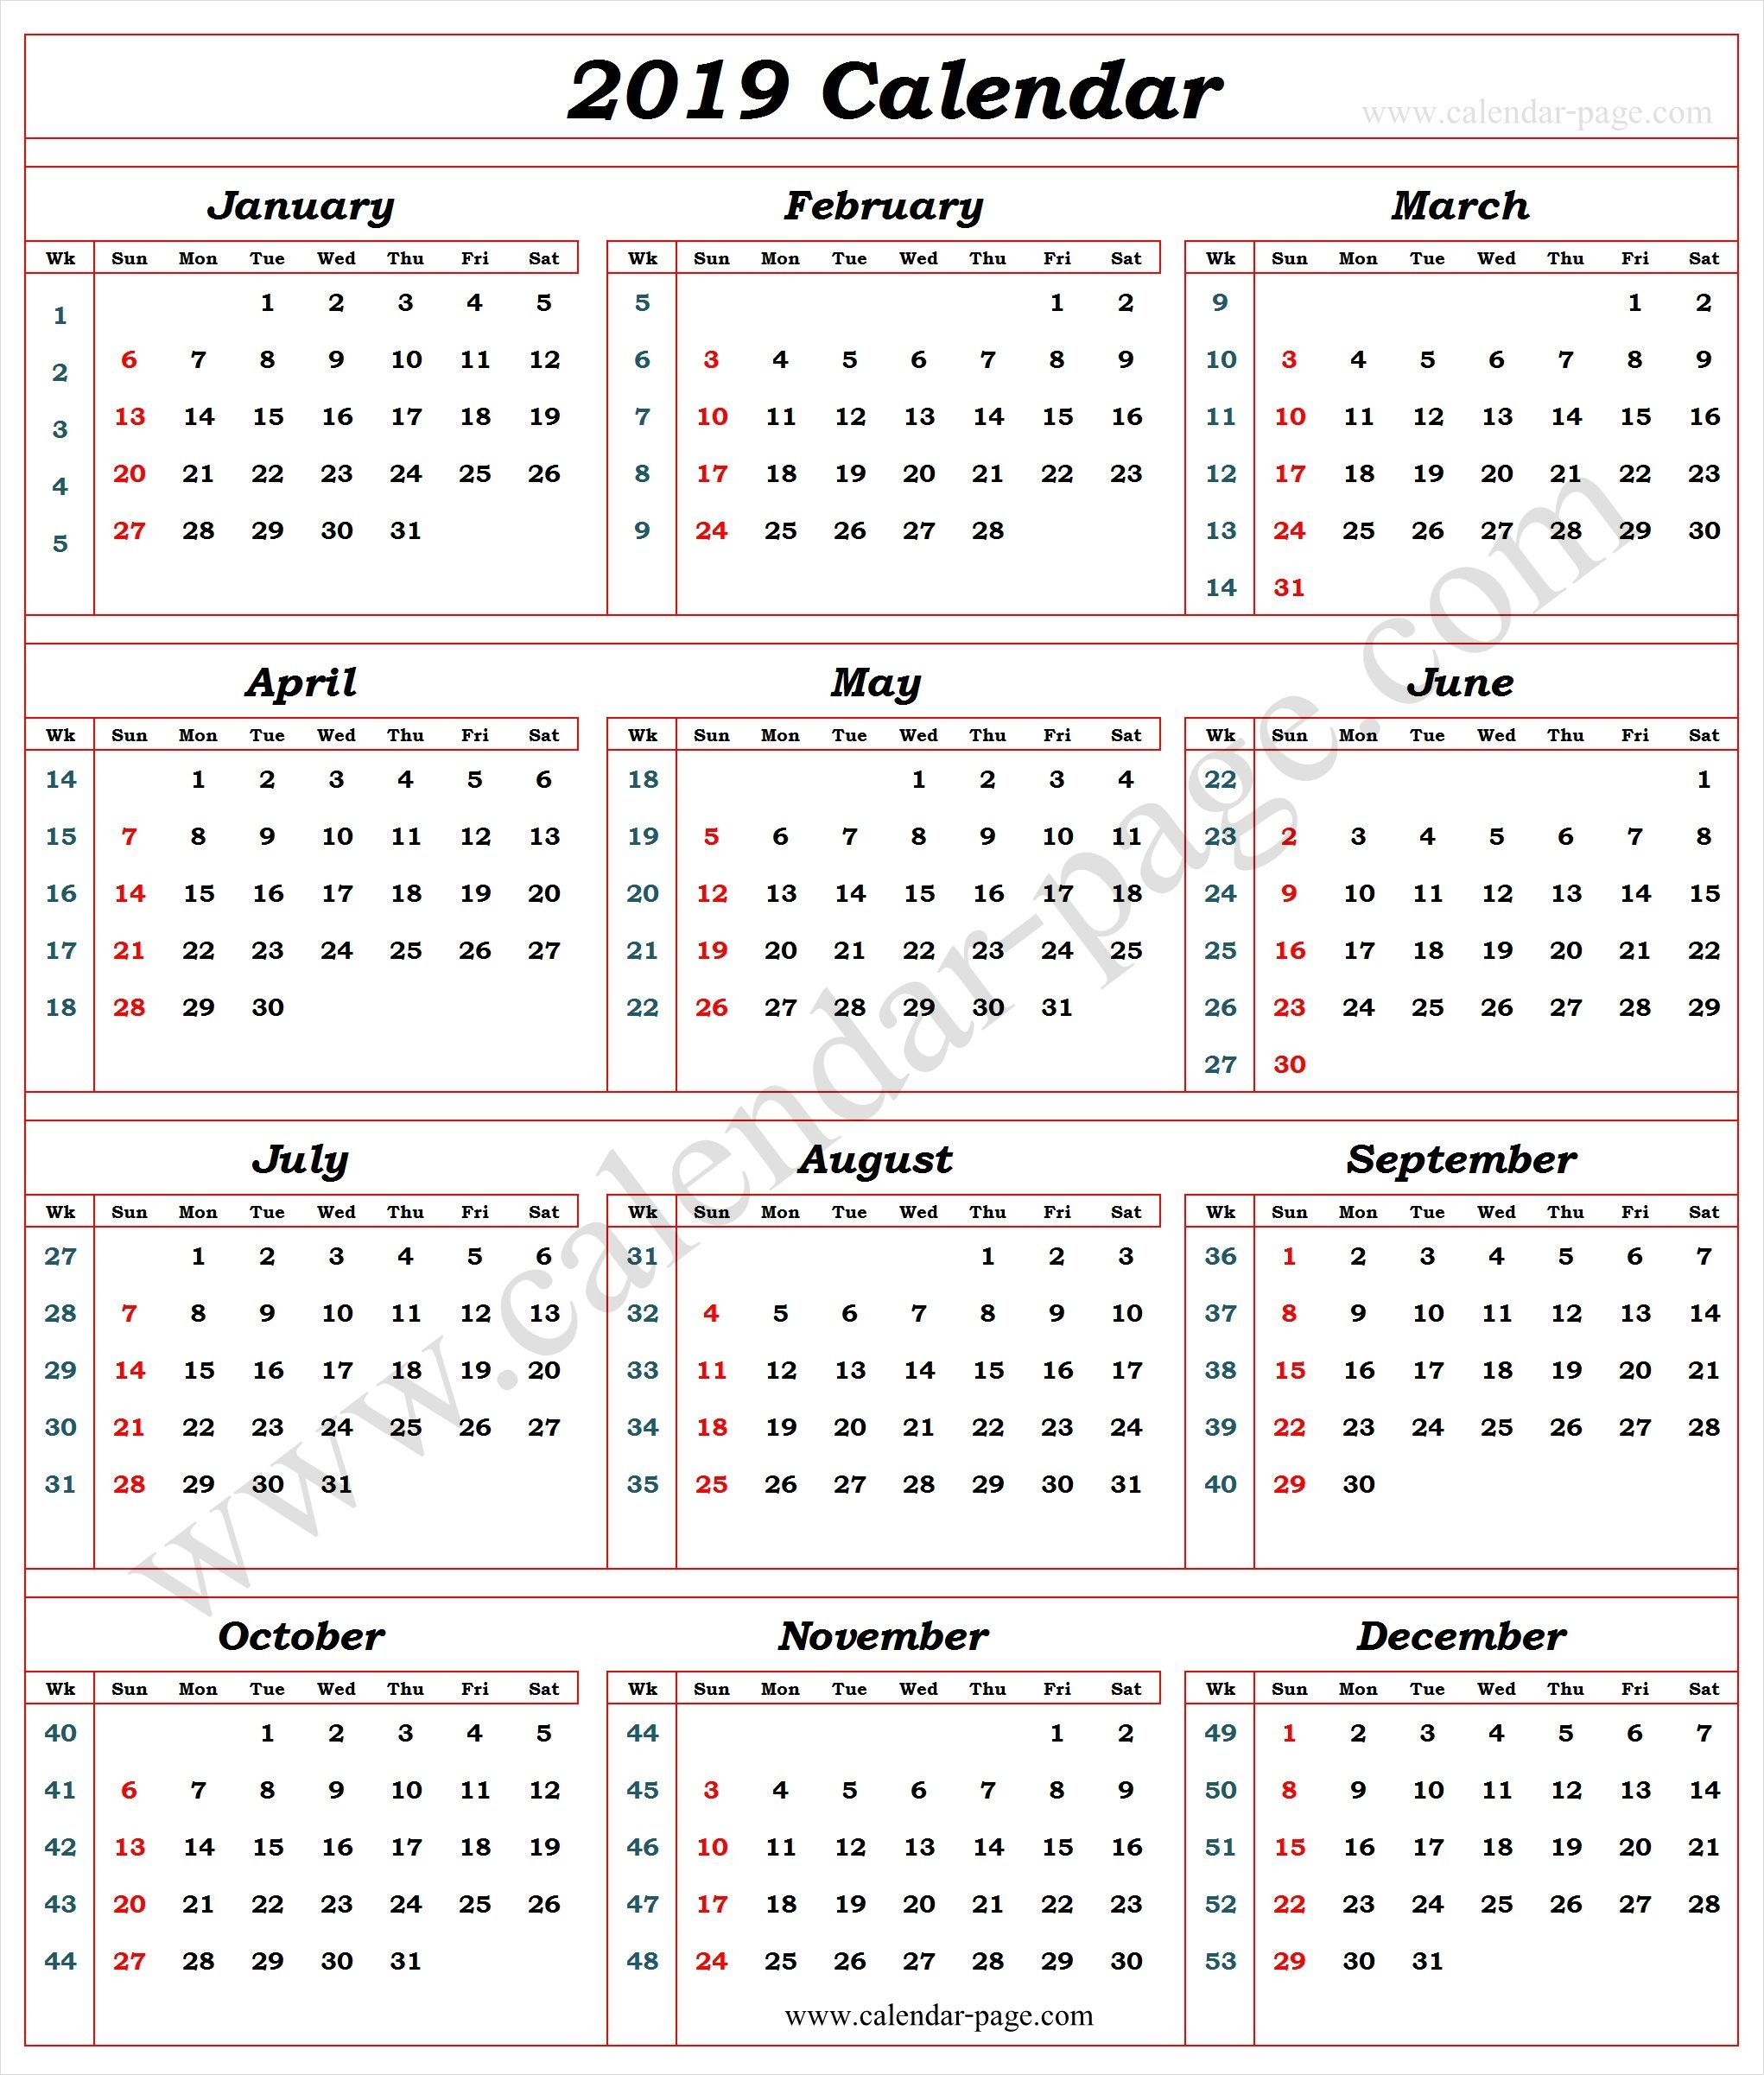 Calendar 2019 With Week Numbers | 2019 Calendar Template